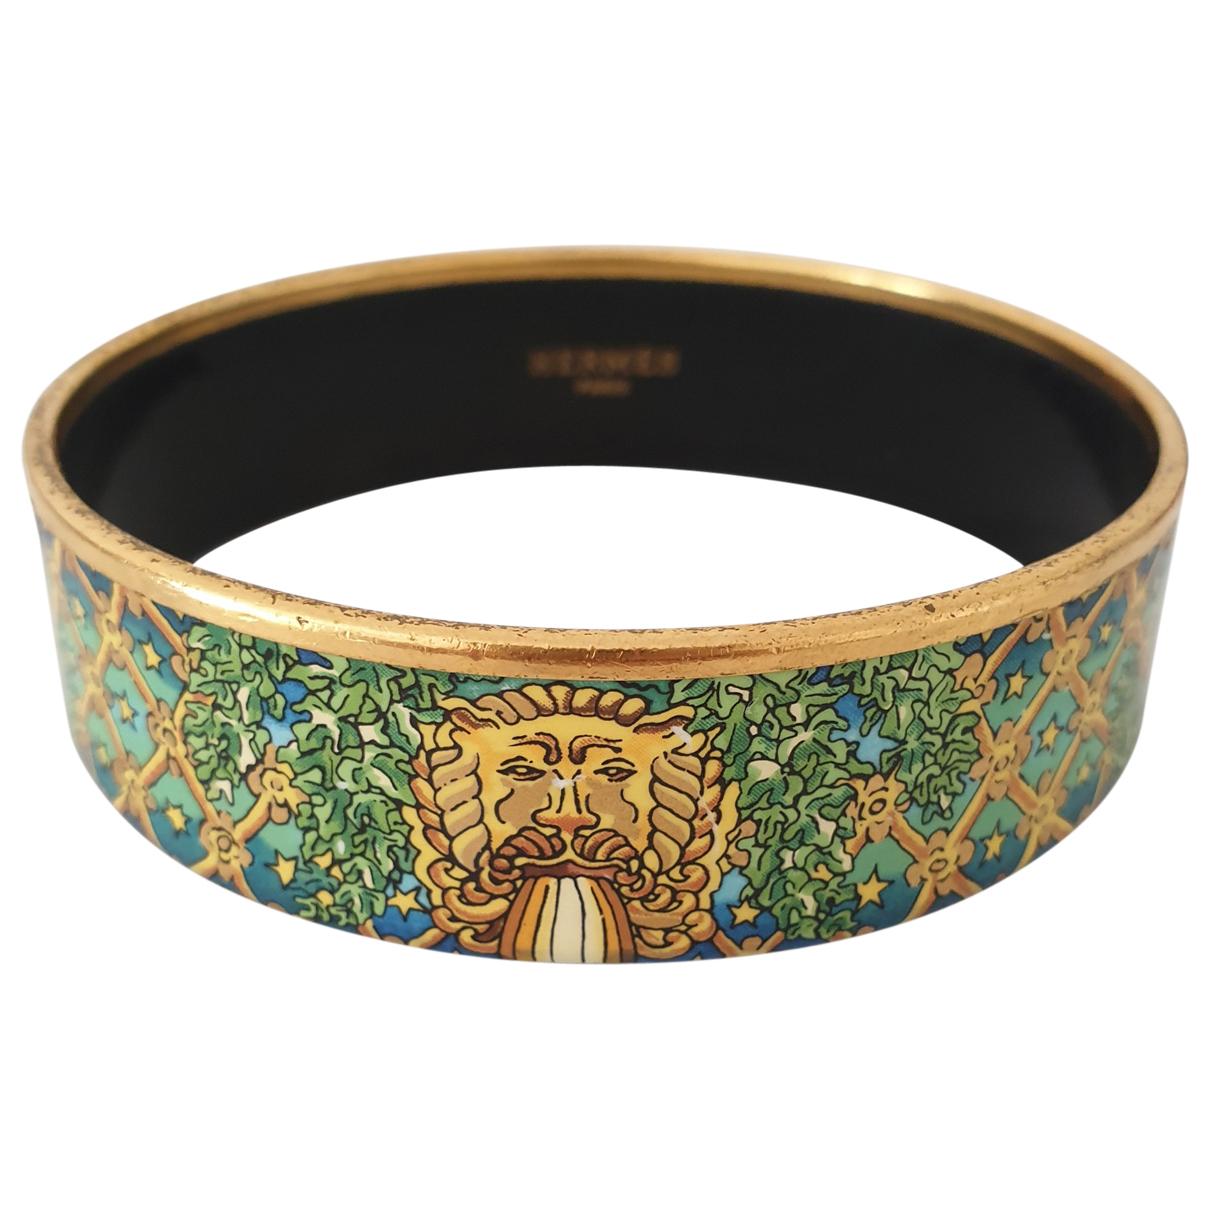 Hermes - Bracelet Bracelet Email pour femme en metal - dore